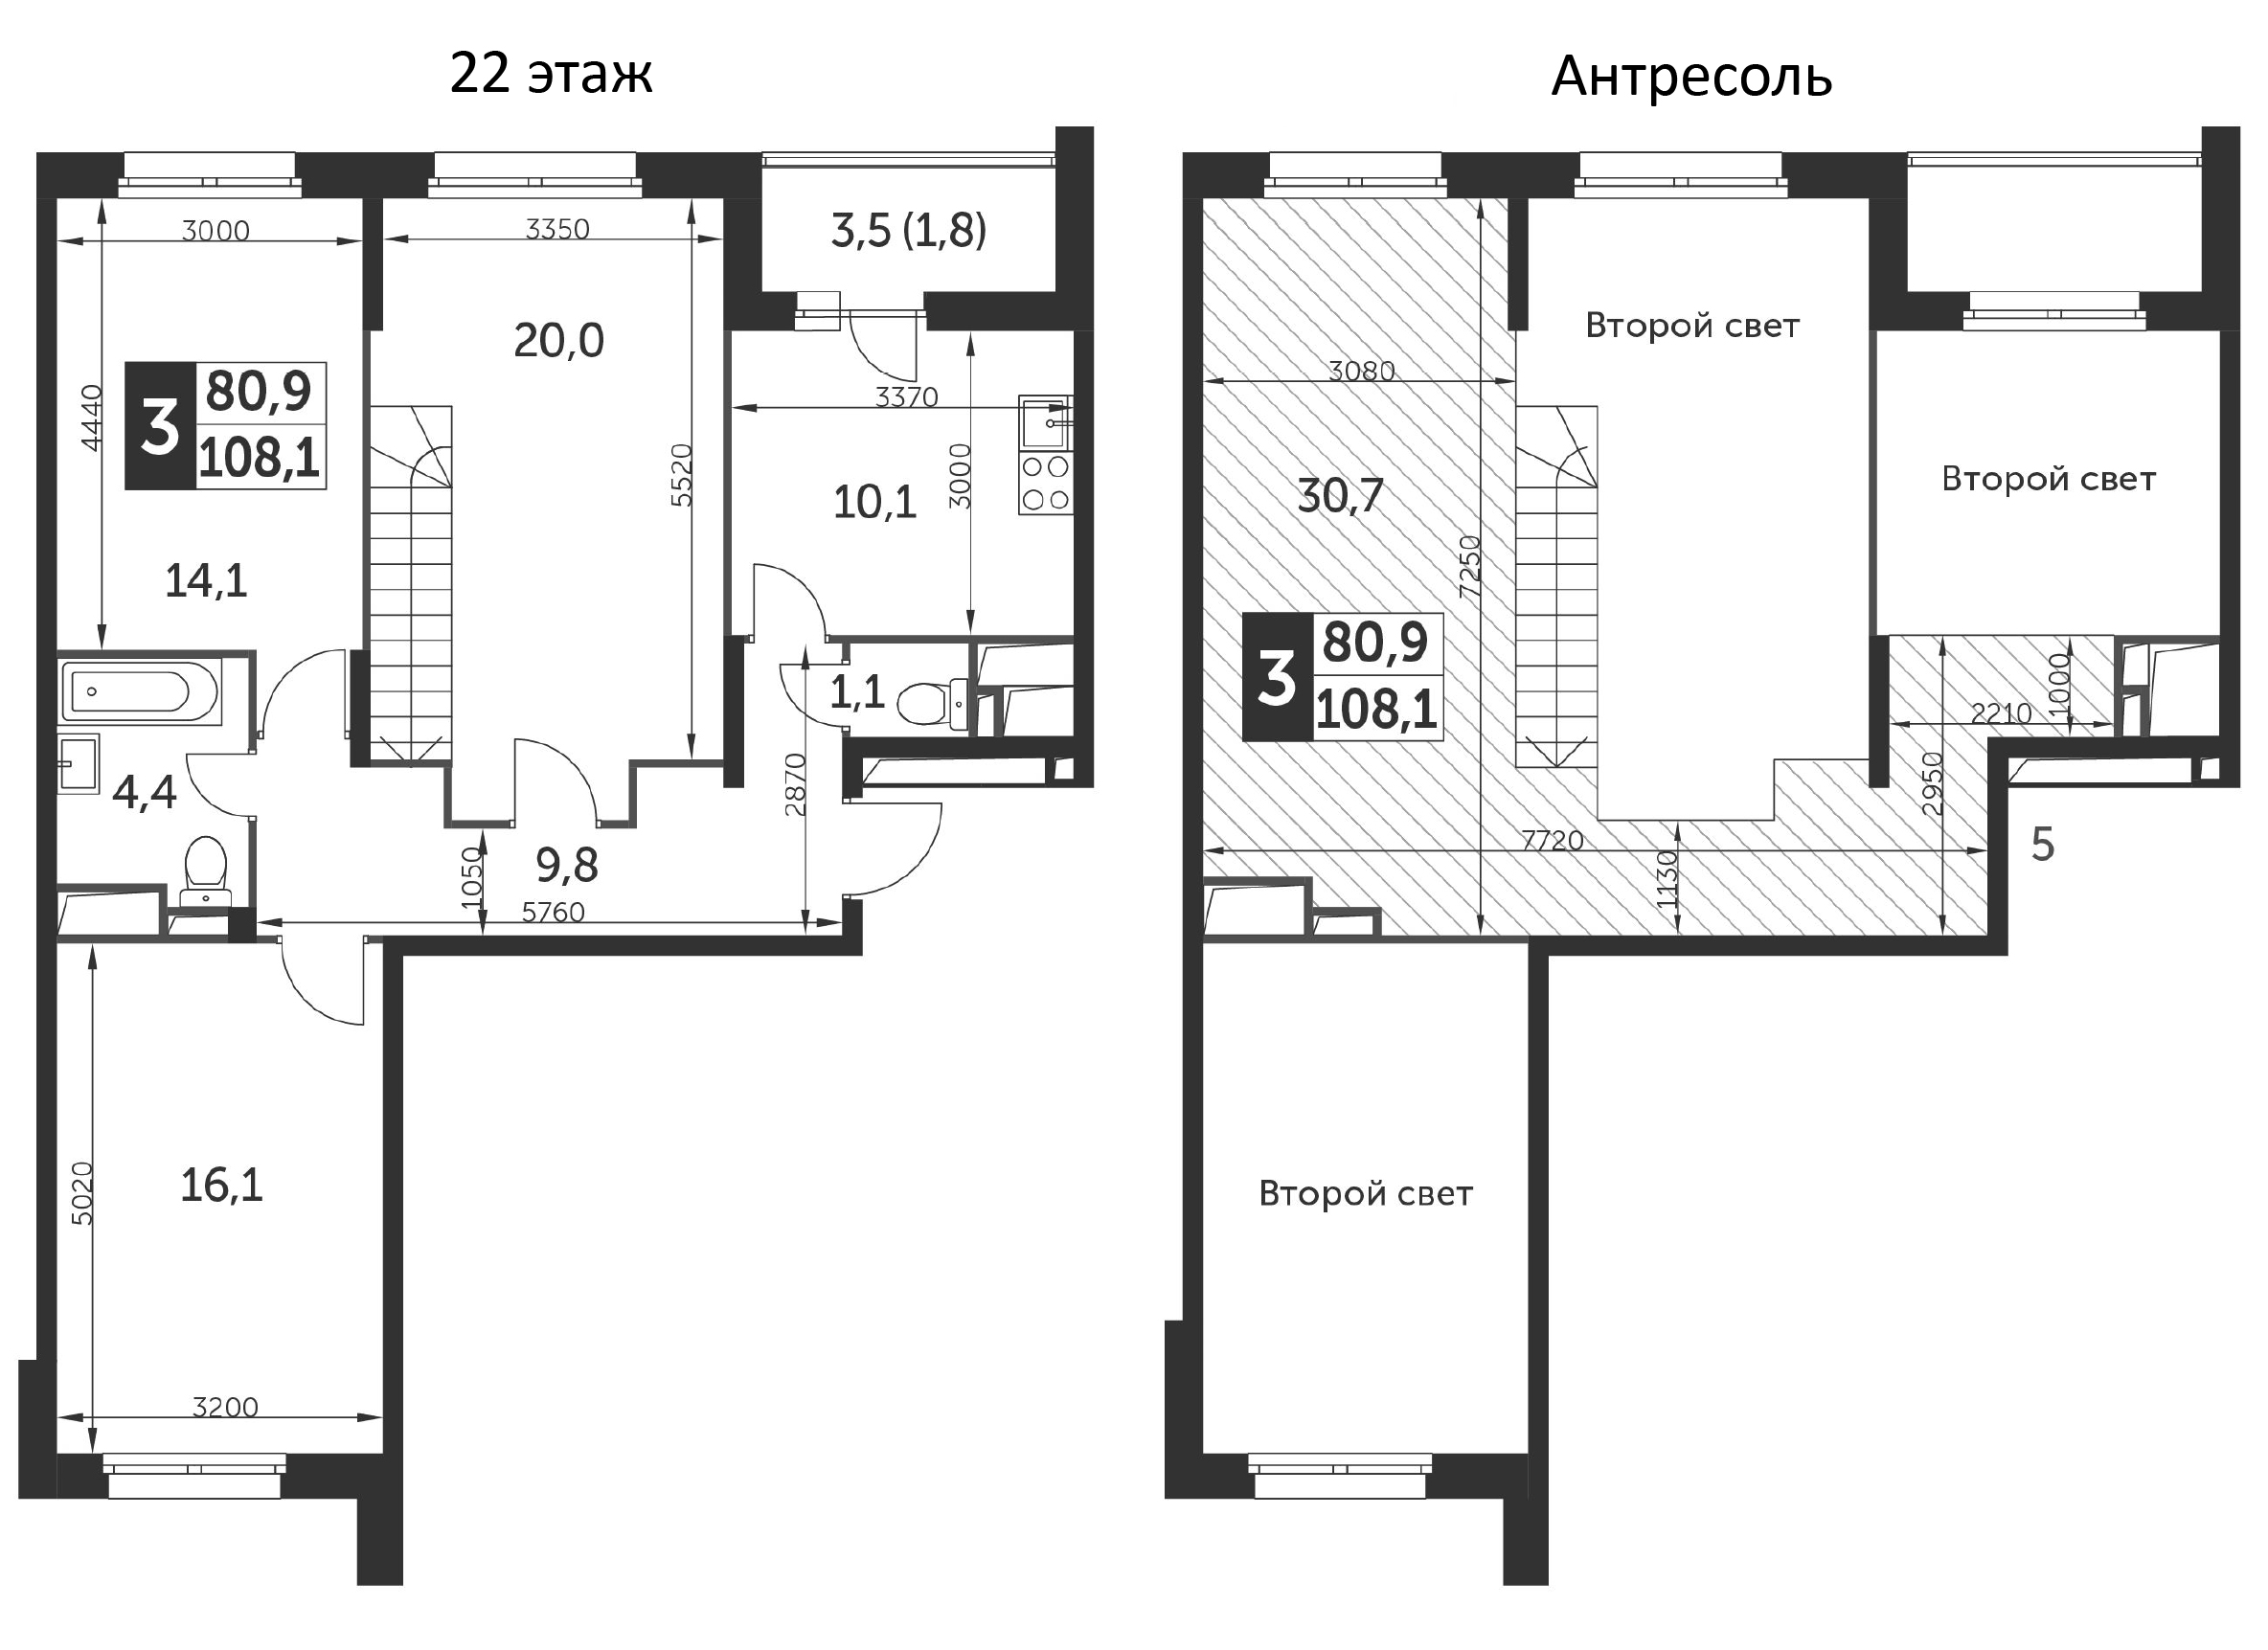 3-к.кв, 108.1 м²